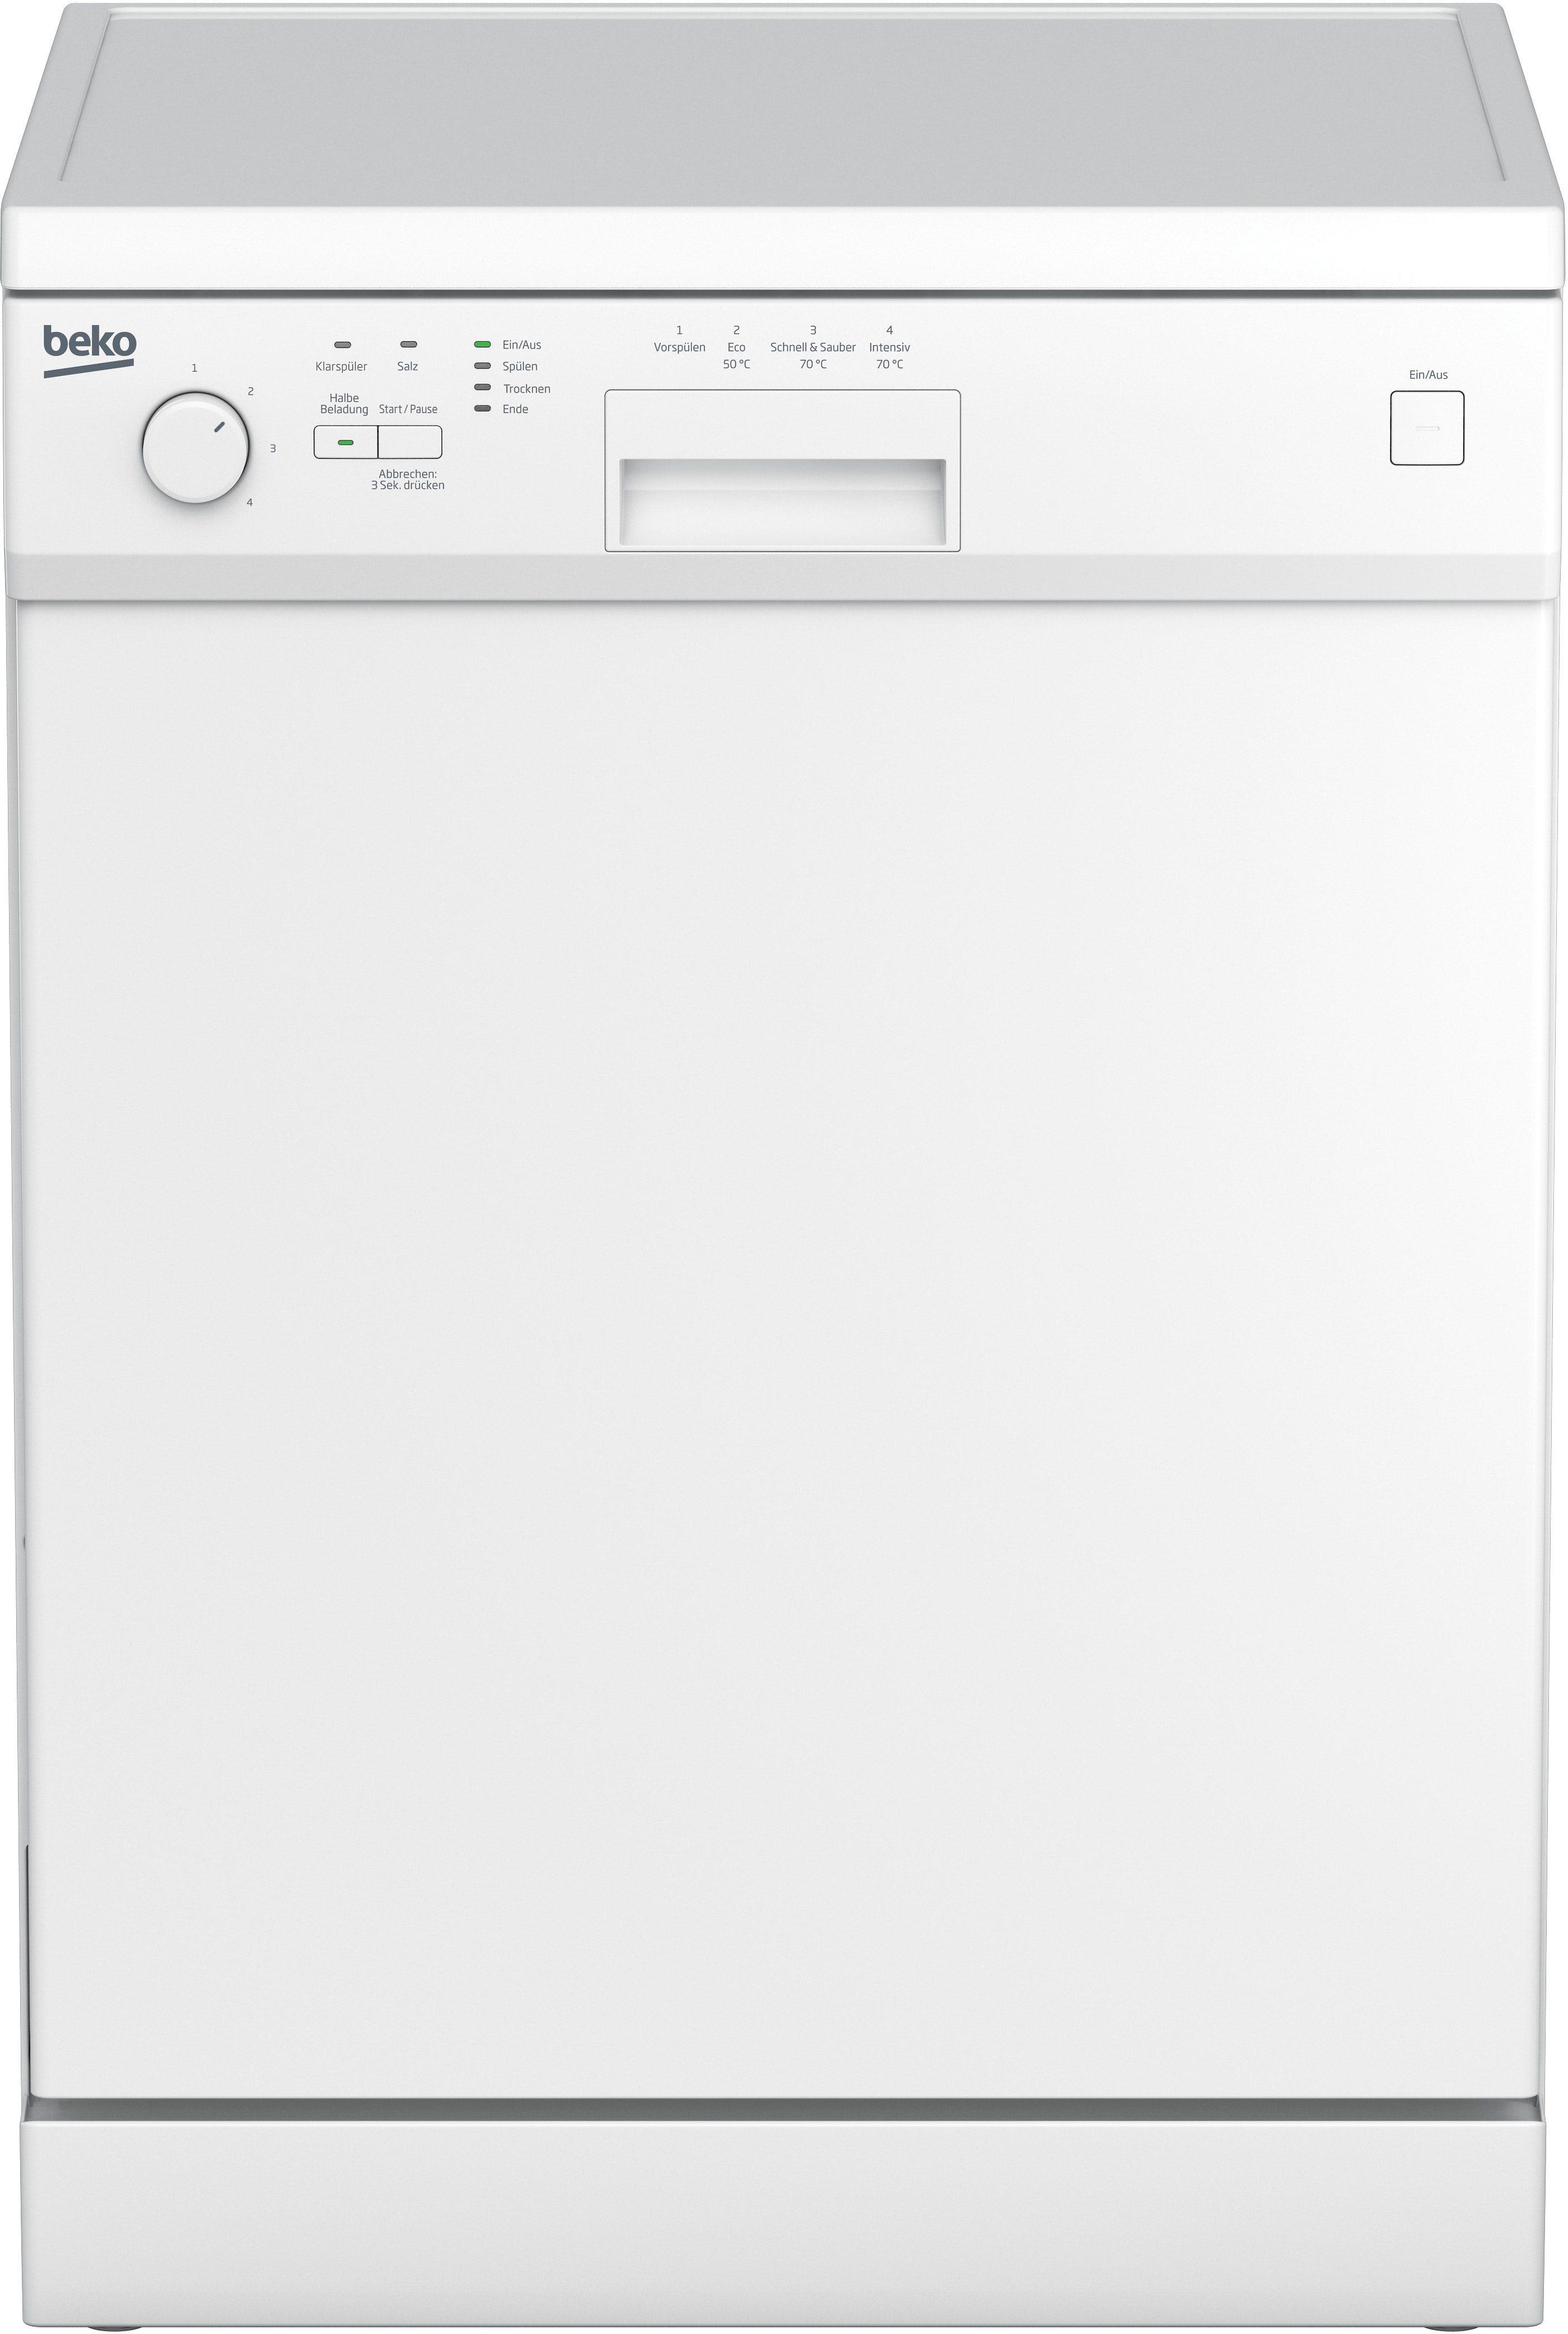 Beko Geschirrspüler DFL 1441, A+, 14 Liter, 12 Maßgedecke